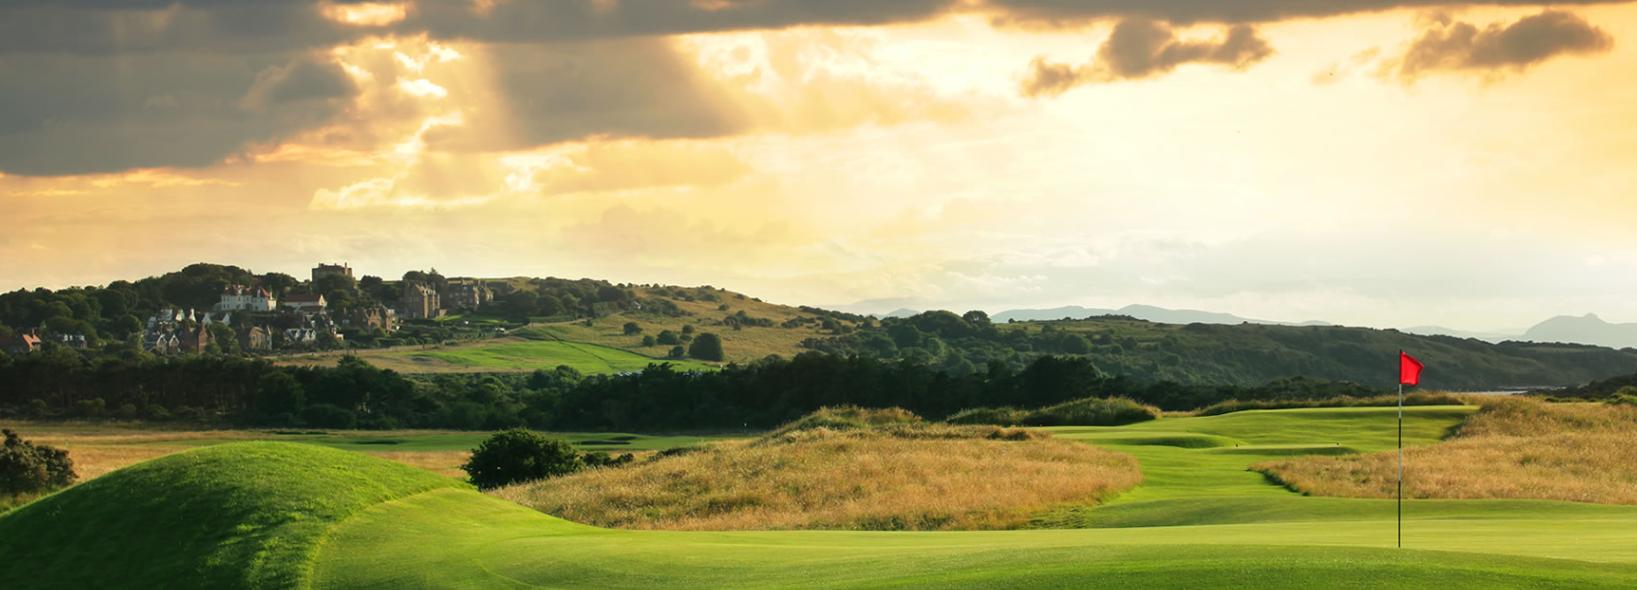 los mejores campos de golf del mundo: muirfield golf scotland 2